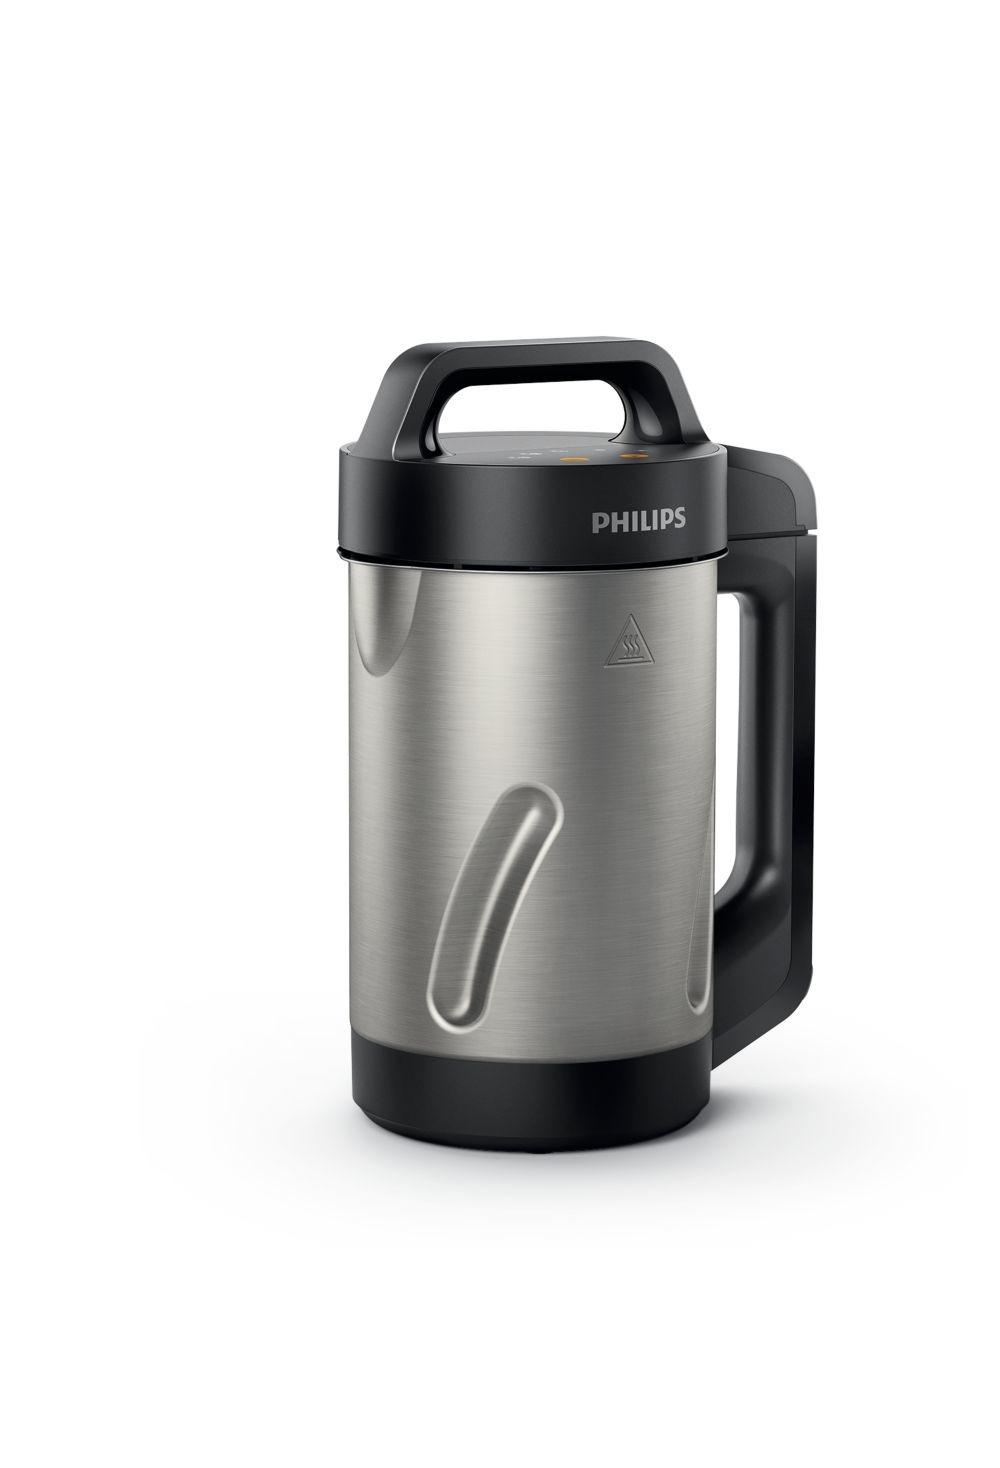 Philips soepmaker HR2203 80 zwart zilver